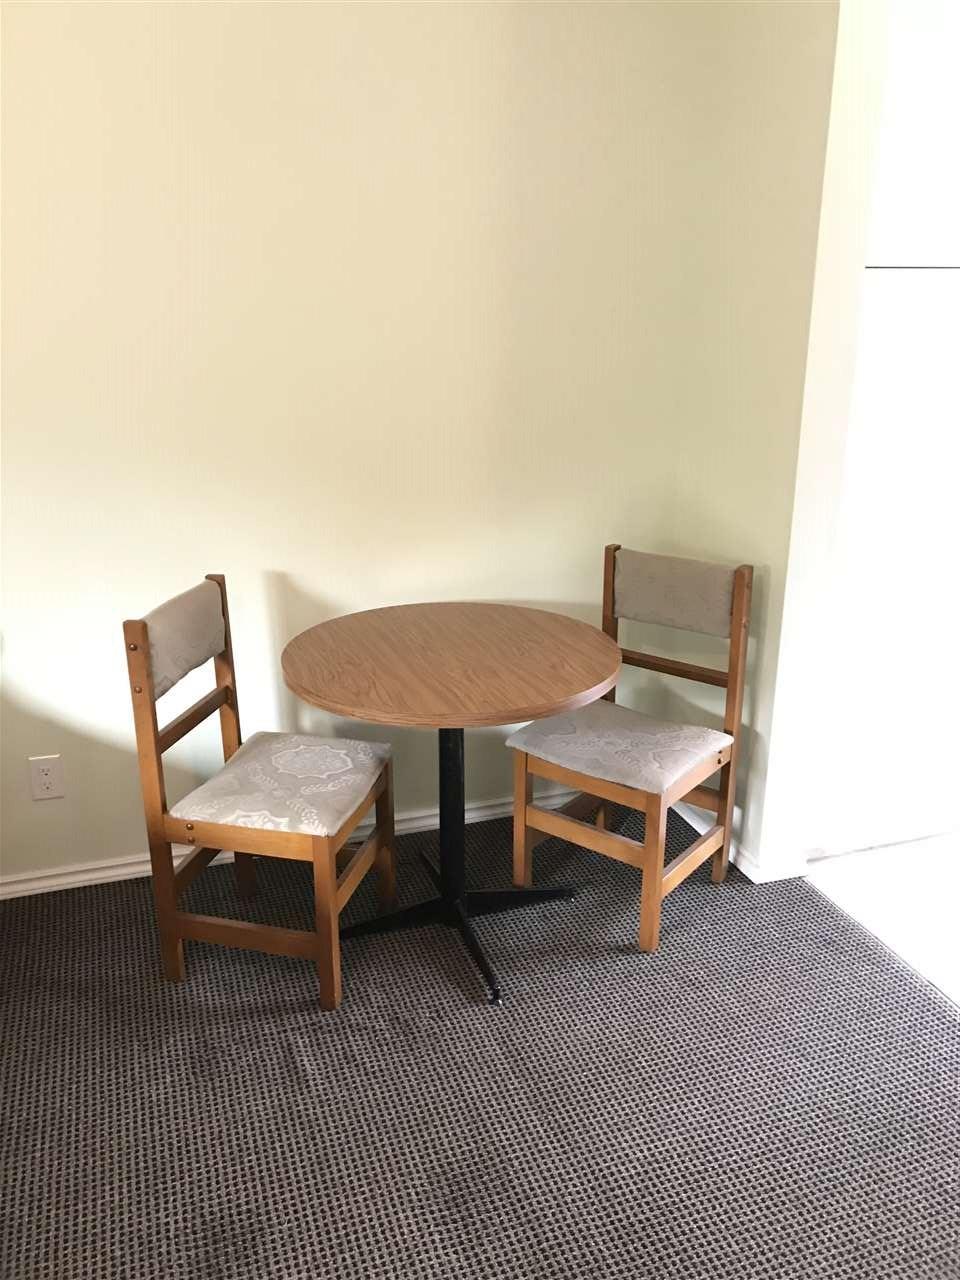 Condo Apartment at 1 450 ESPLANADE AVENUE, Unit 1, Harrison Hot Springs, British Columbia. Image 7